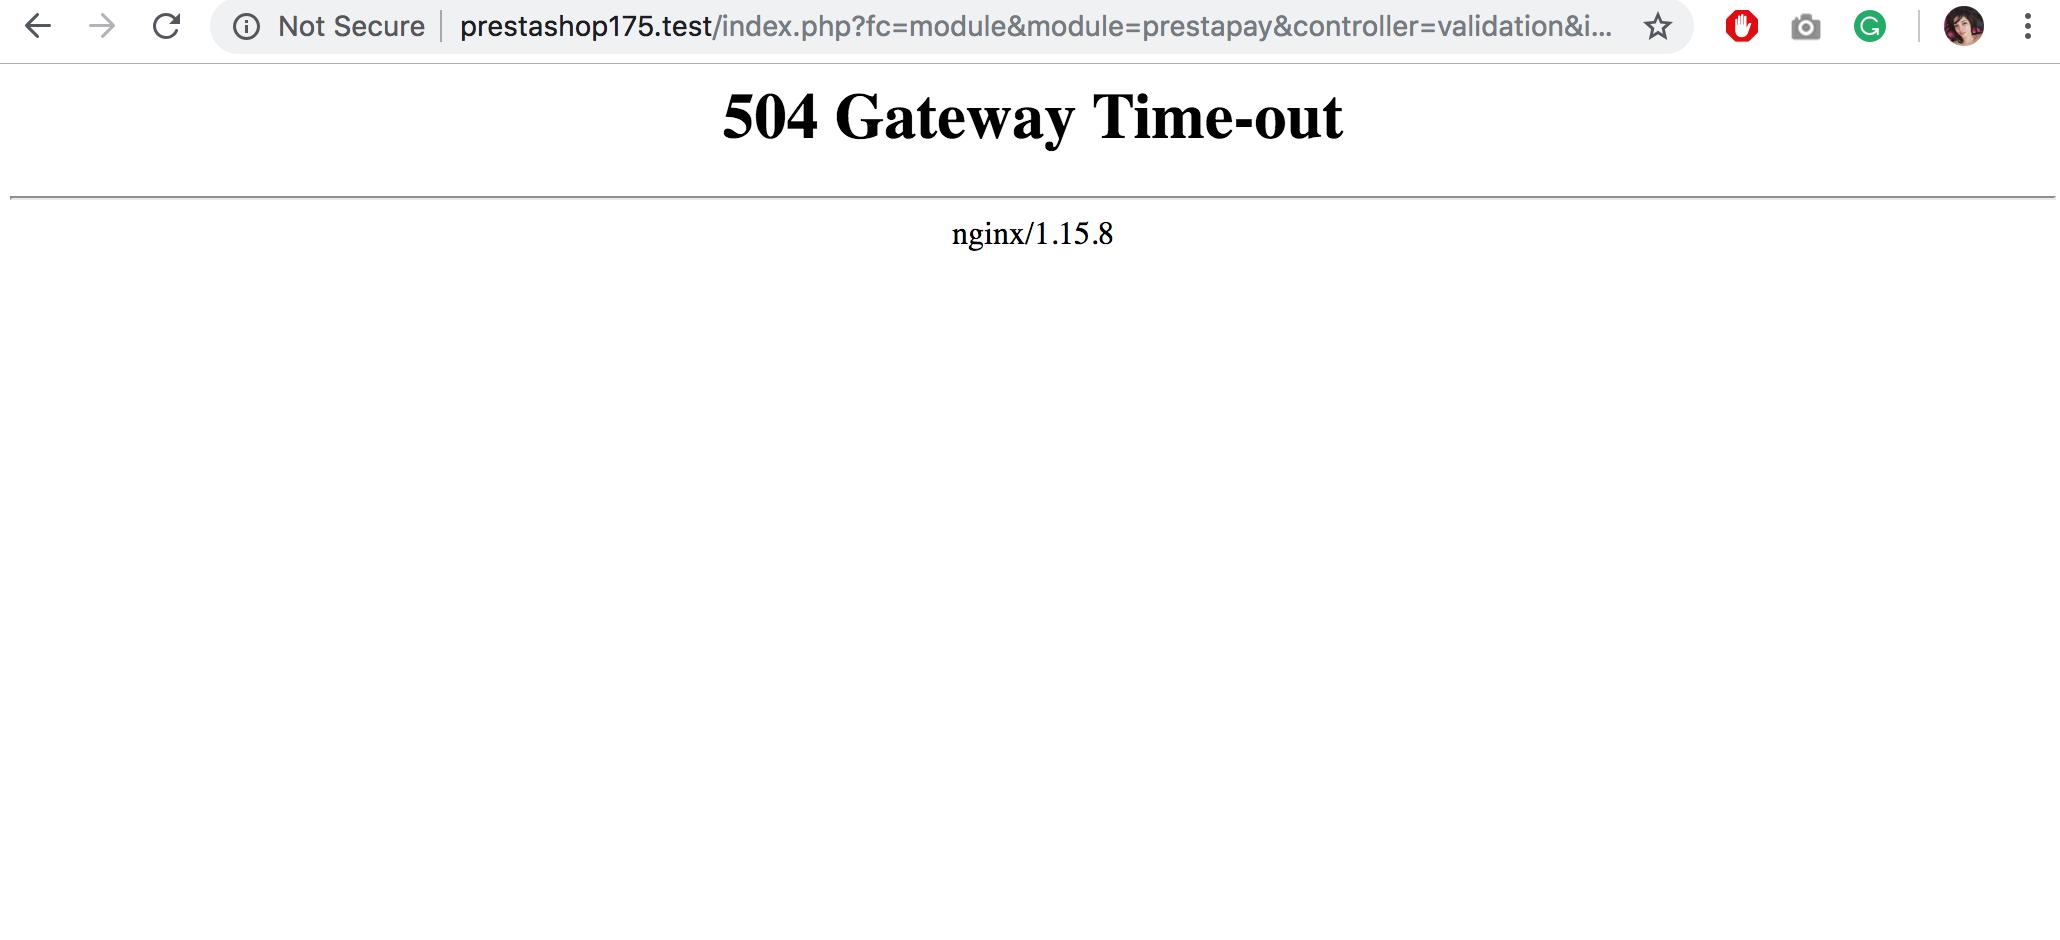 504 Gateway Timeout Error Nginx